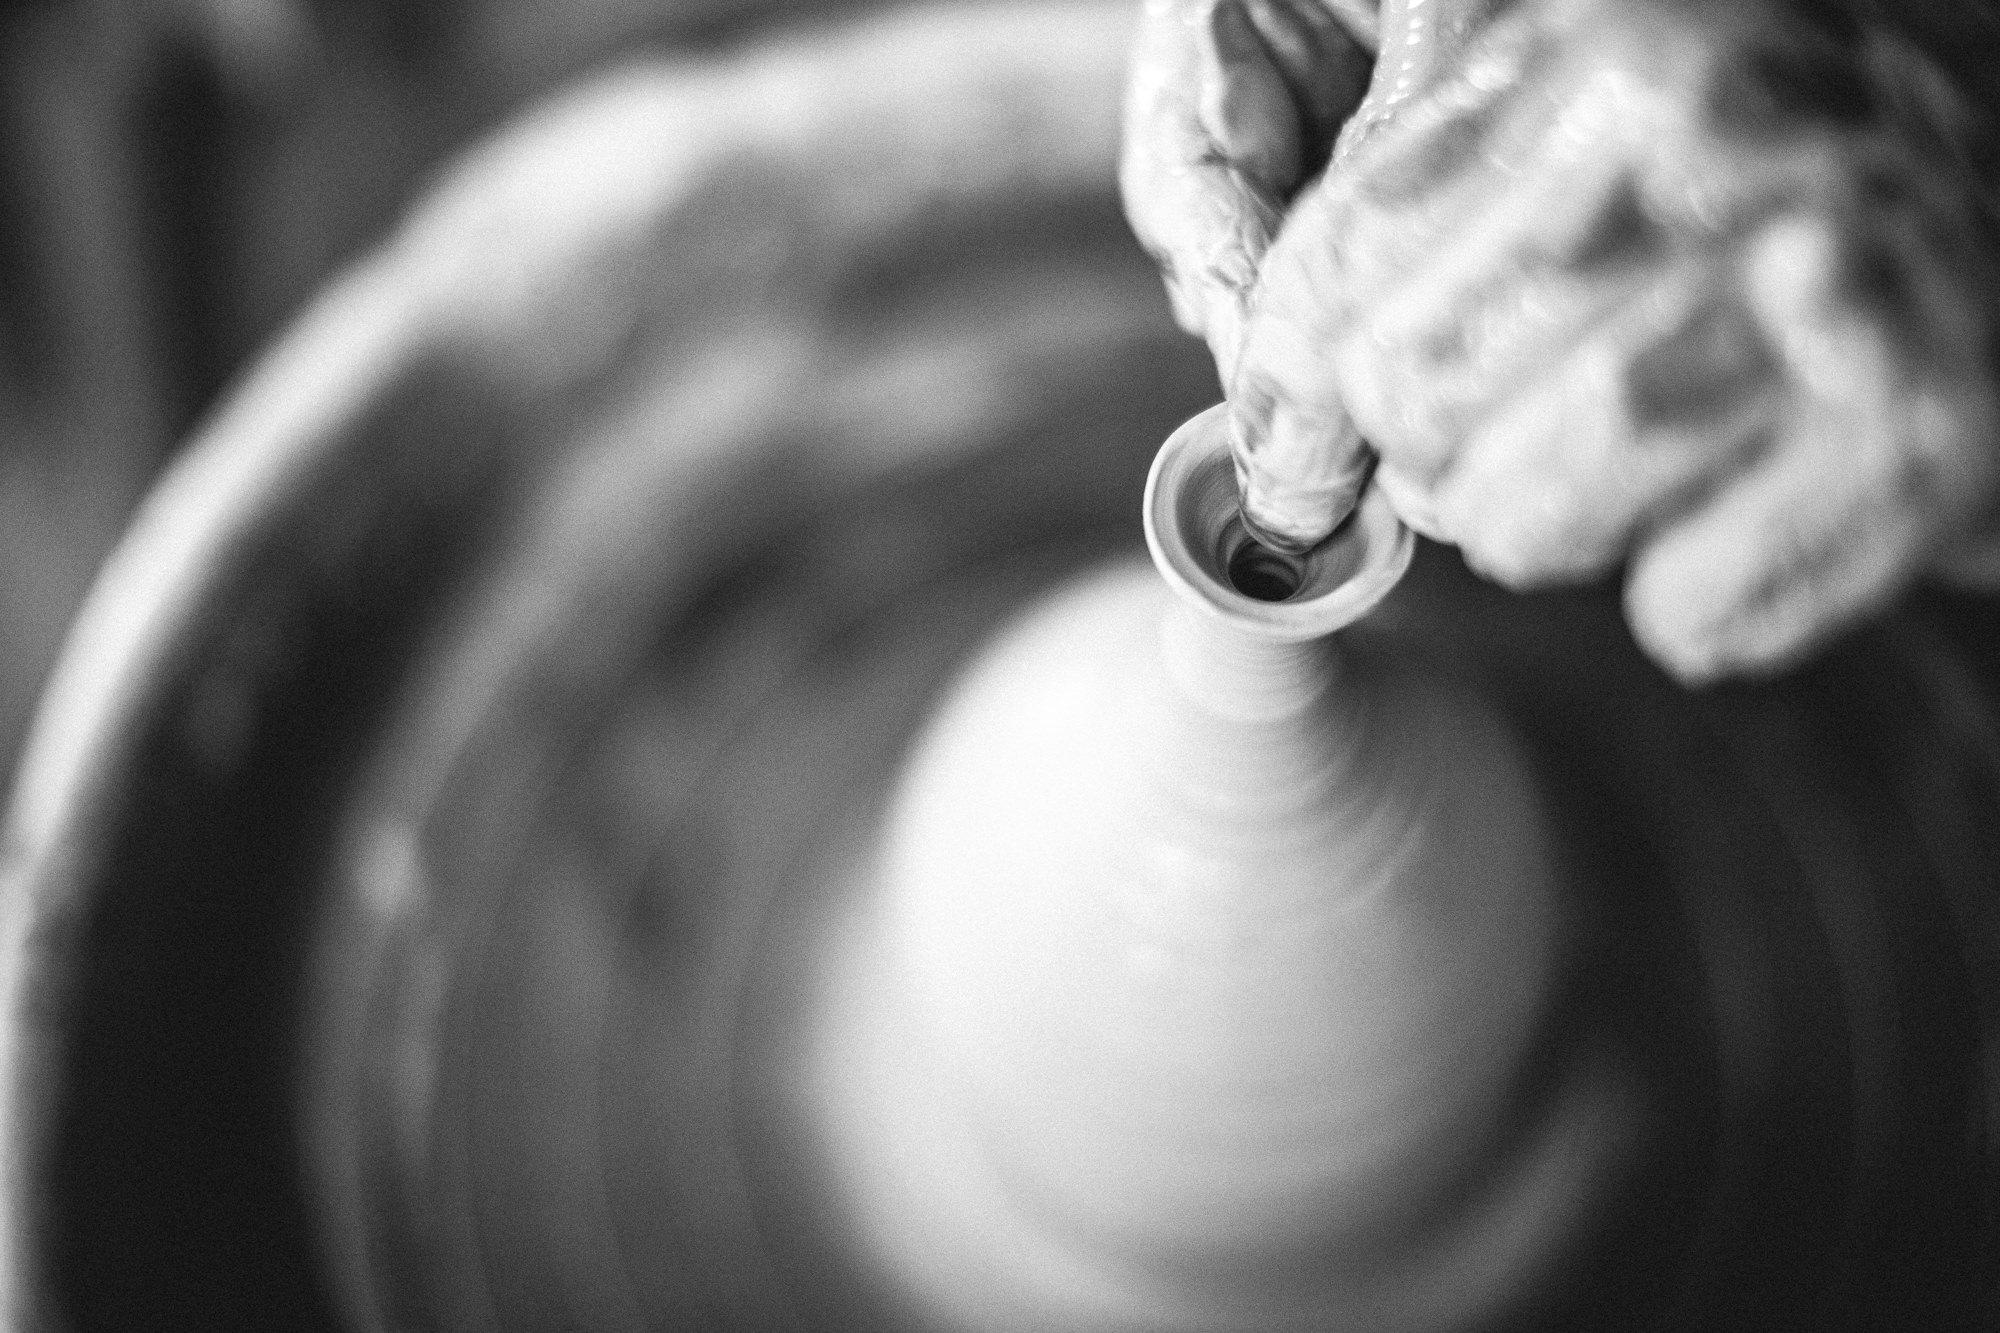 cours de poterie tournage Xavier Brasleret atelier Landes France